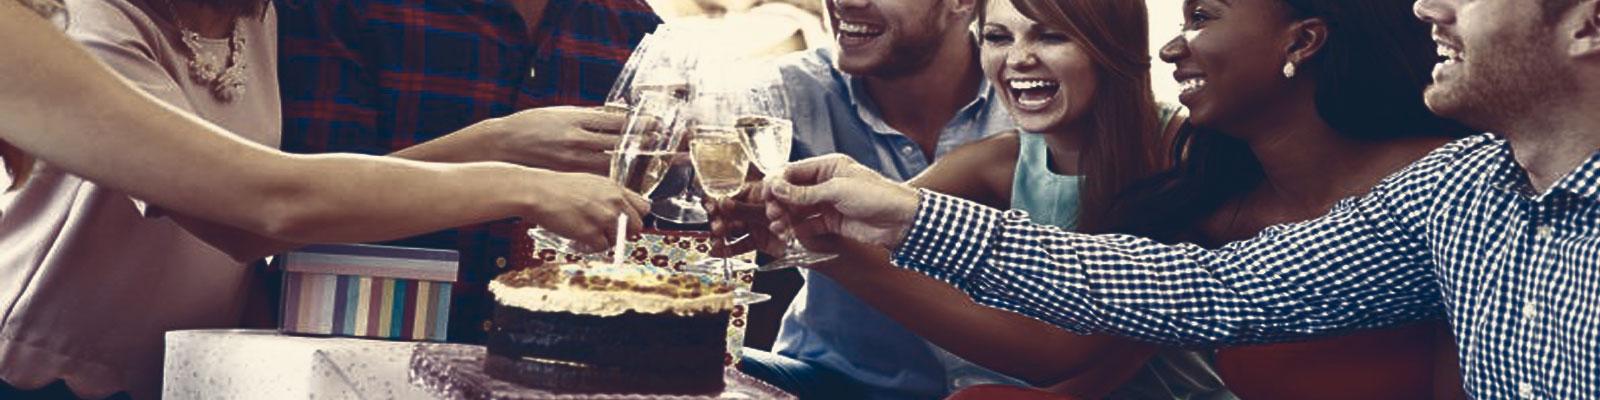 Barman-Para-Festas-SP